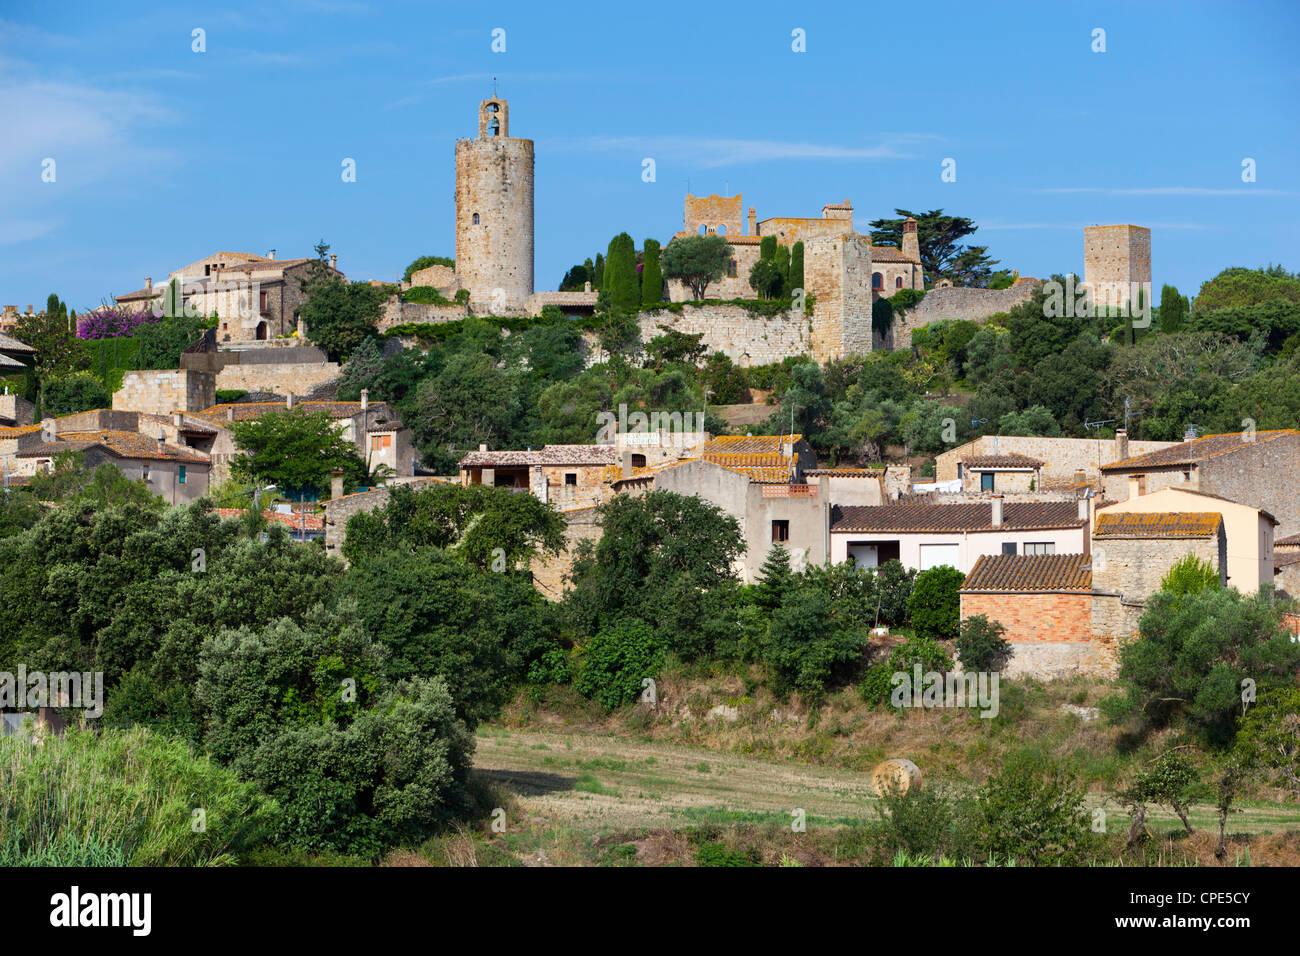 Village perché, Pals, Costa Brava, Catalogne, Espagne, Europe Photo Stock